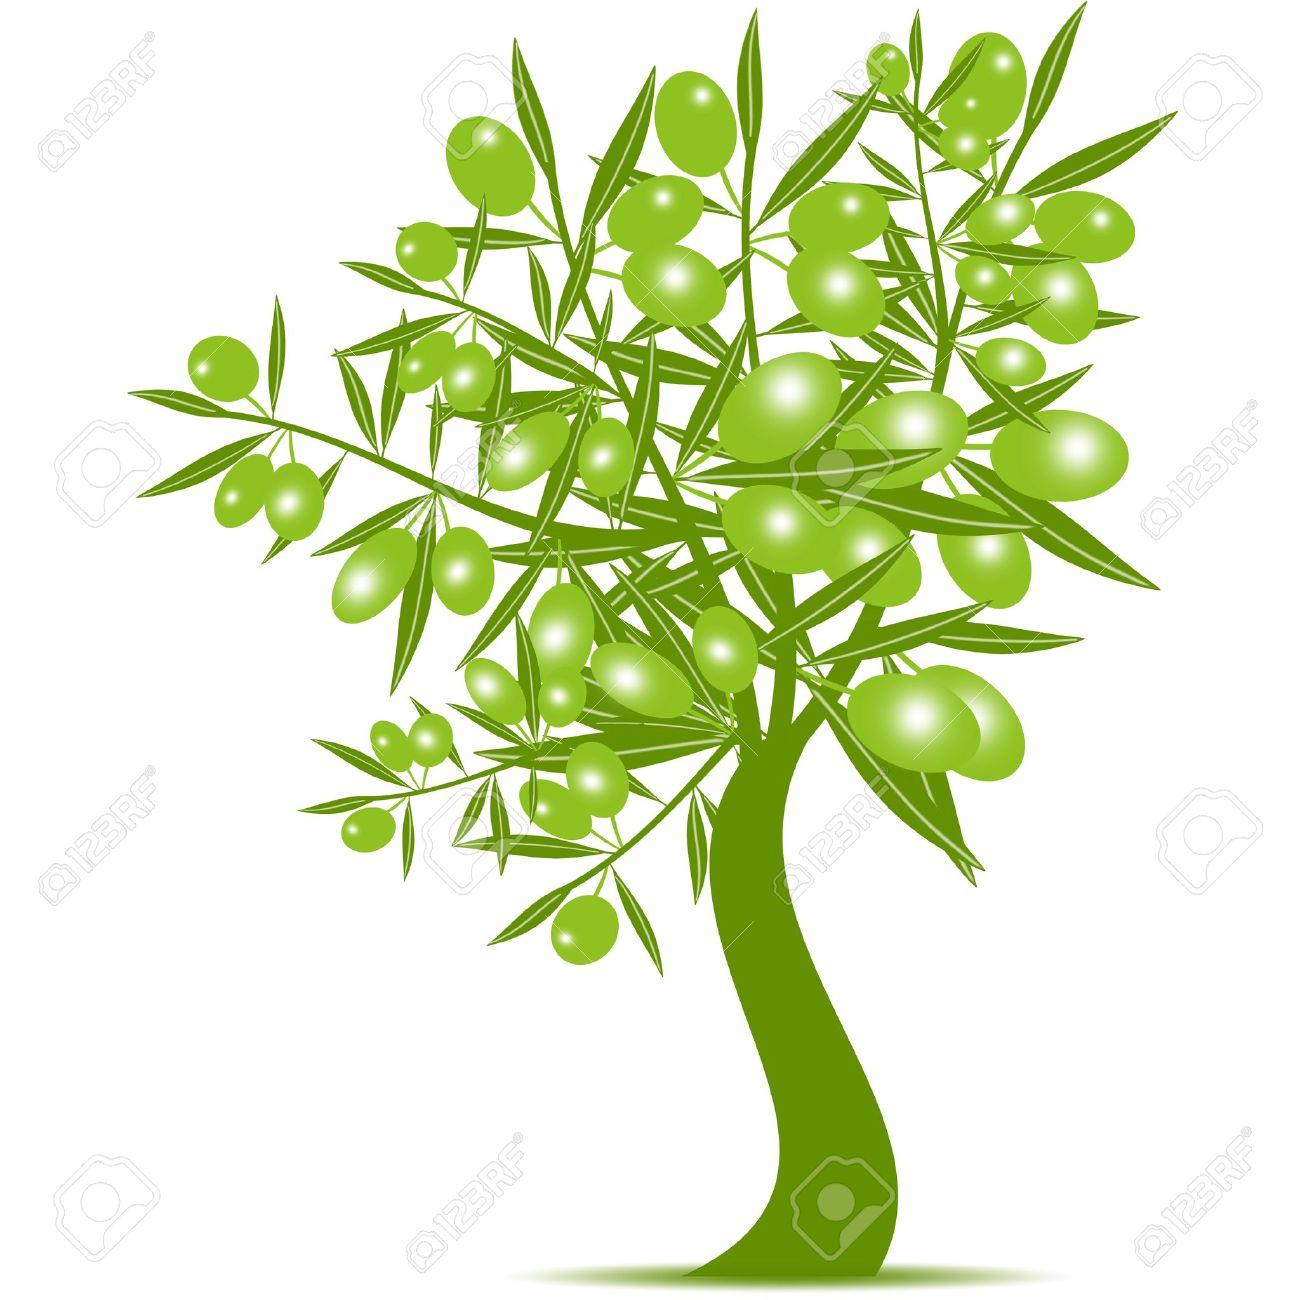 Olivo Verde Sobre Fondo Blanco Ilustraciones Vectoriales, Clip Art.